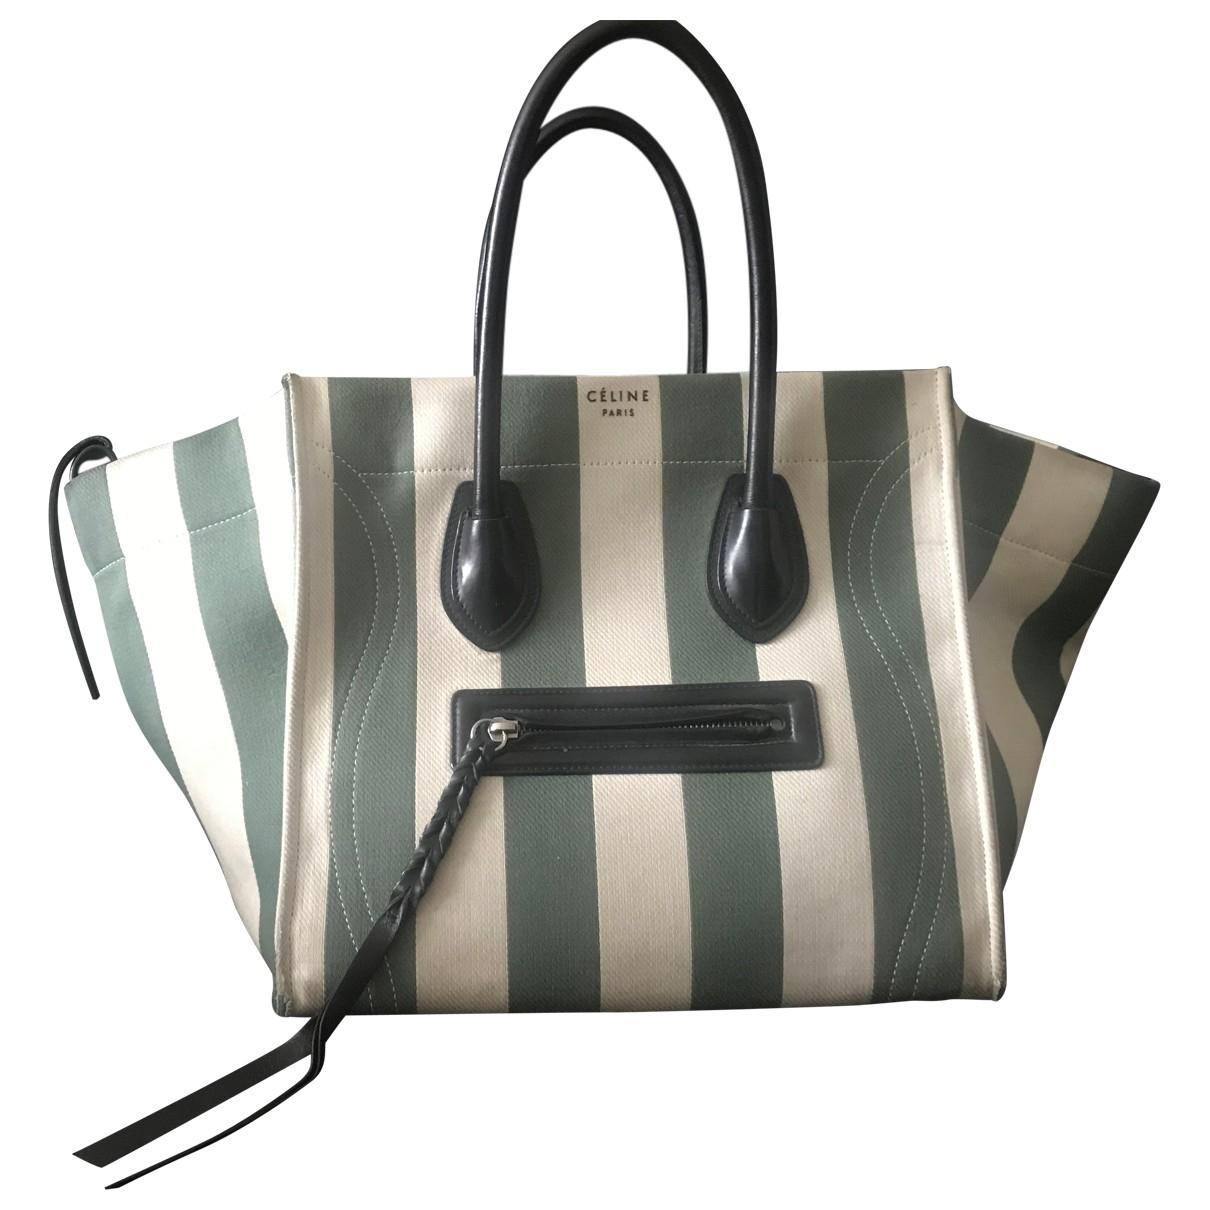 Celine - Sac a main Luggage pour femme en toile - vert